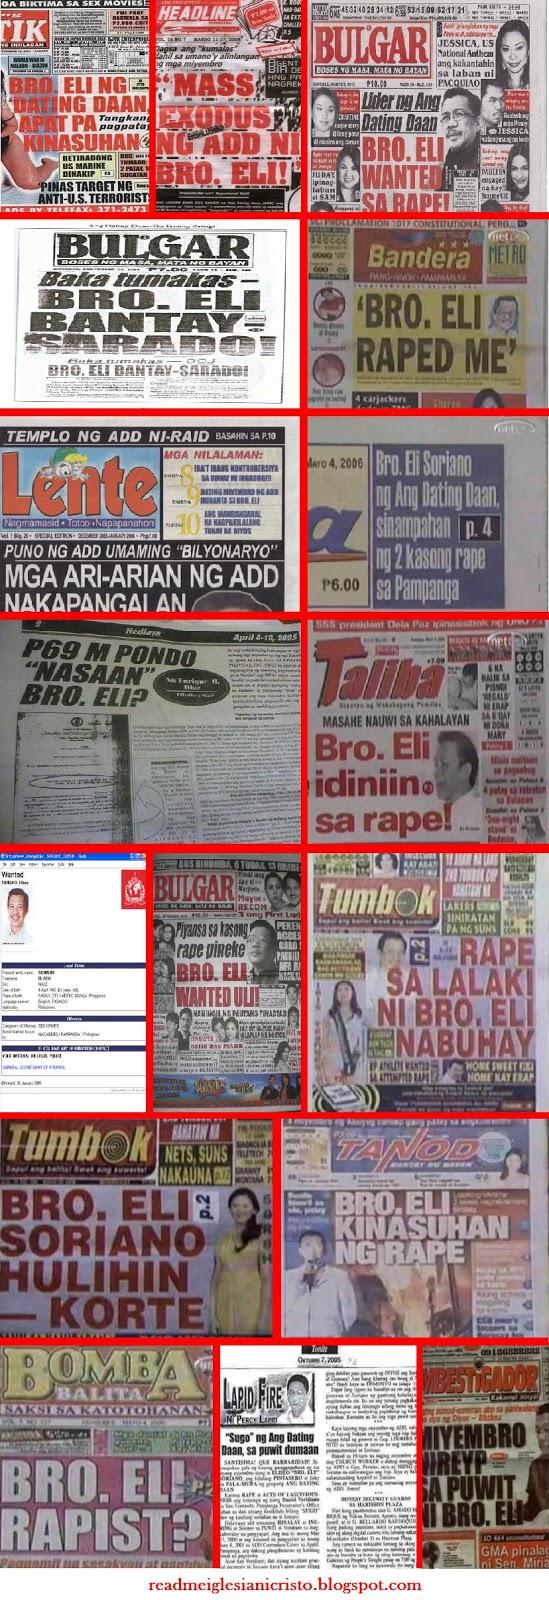 mga paniniwala ng dating daan post dating cii prescriptions